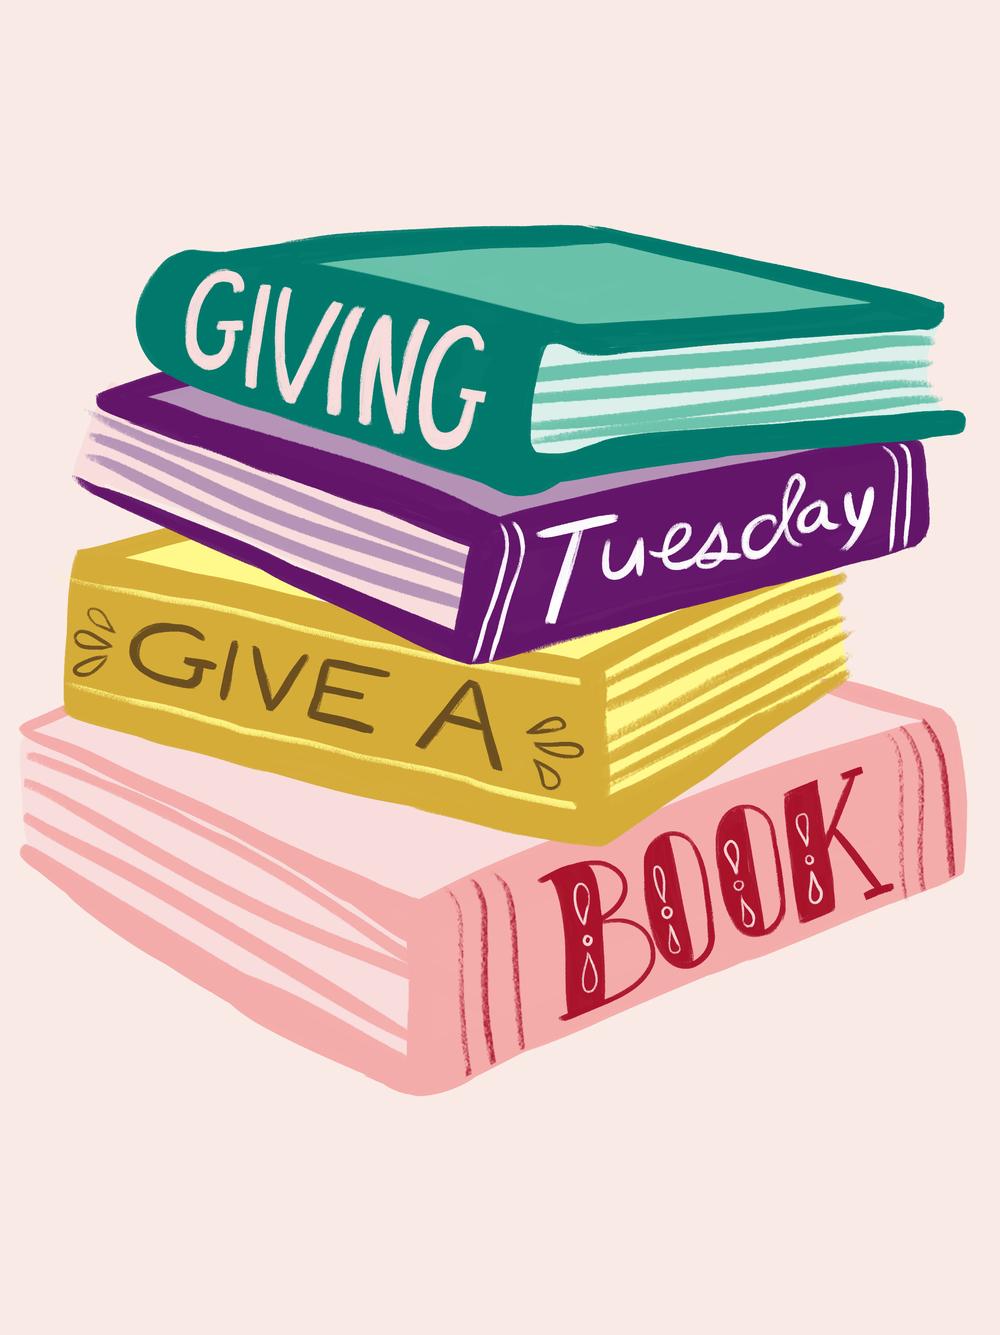 Donate $10 to Kusi Kawsay Library